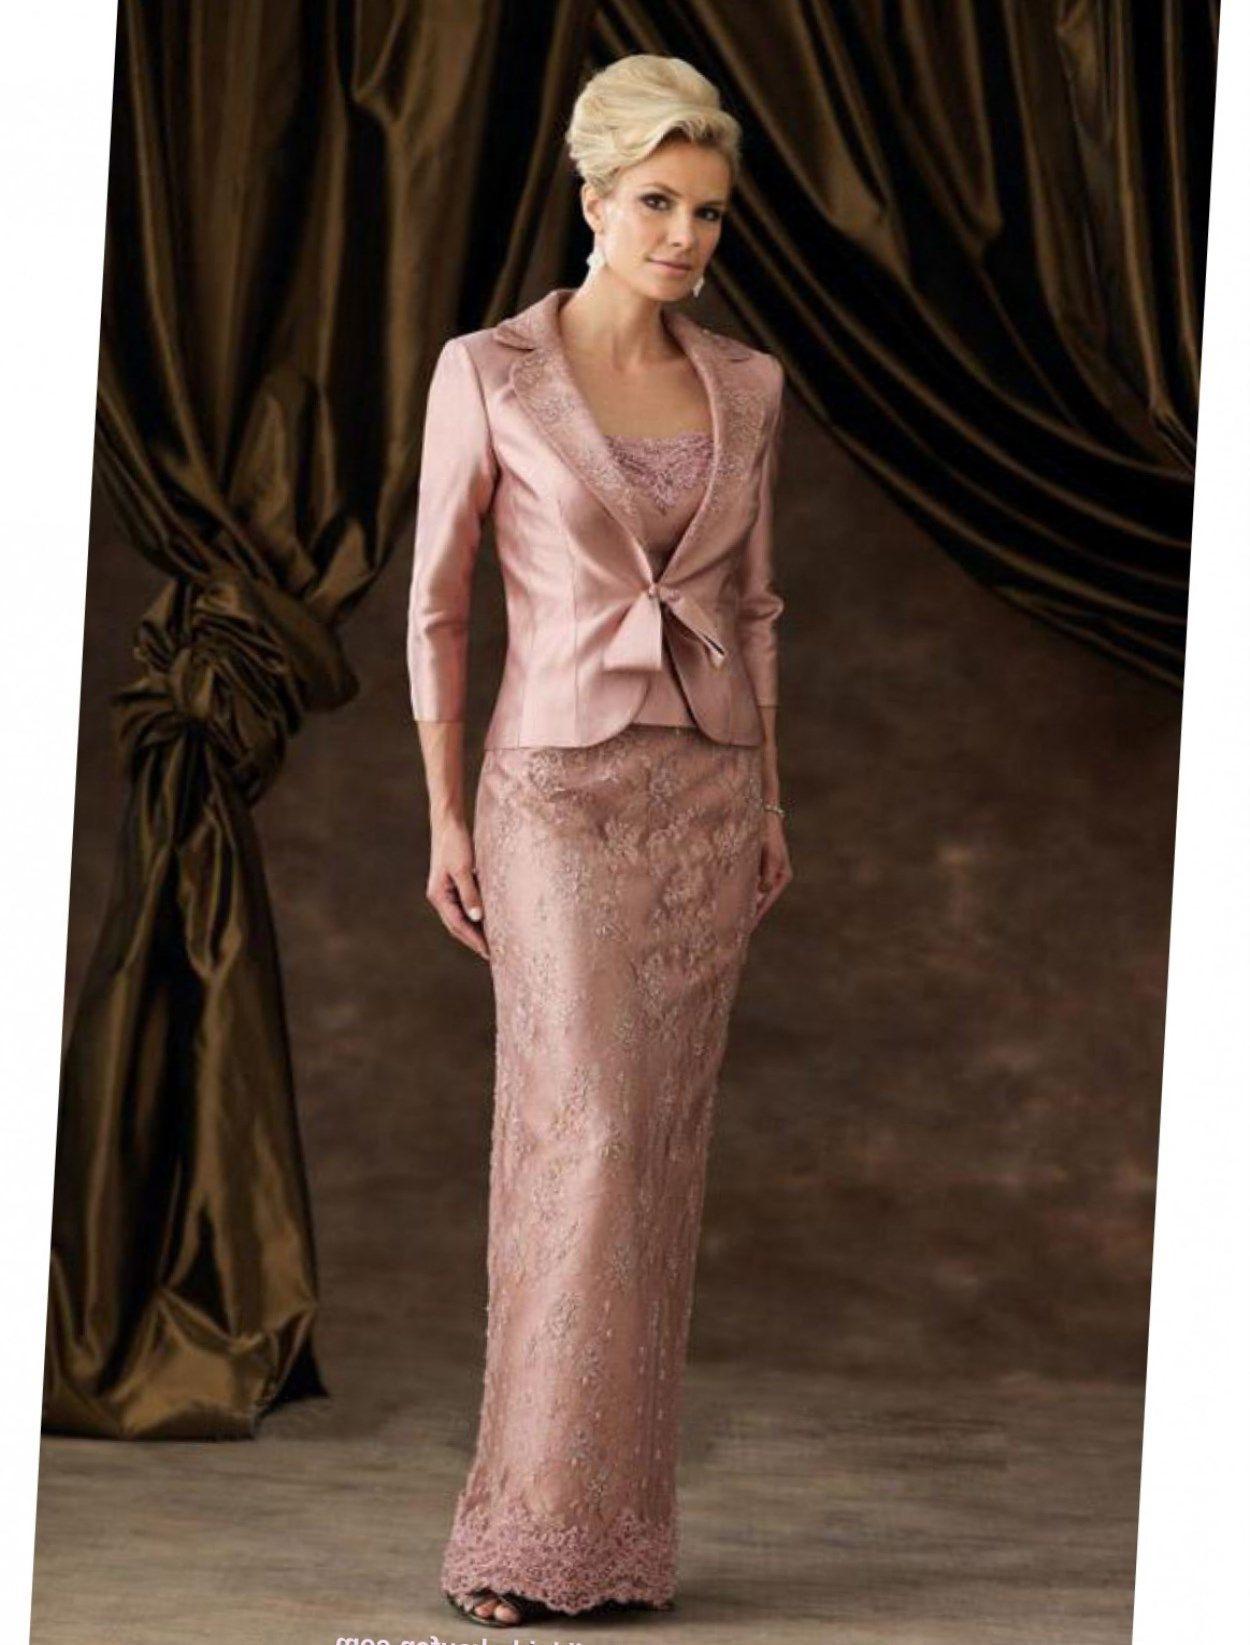 Abend Ausgezeichnet Elegante Abendkleidung Damen VertriebFormal Schön Elegante Abendkleidung Damen Spezialgebiet